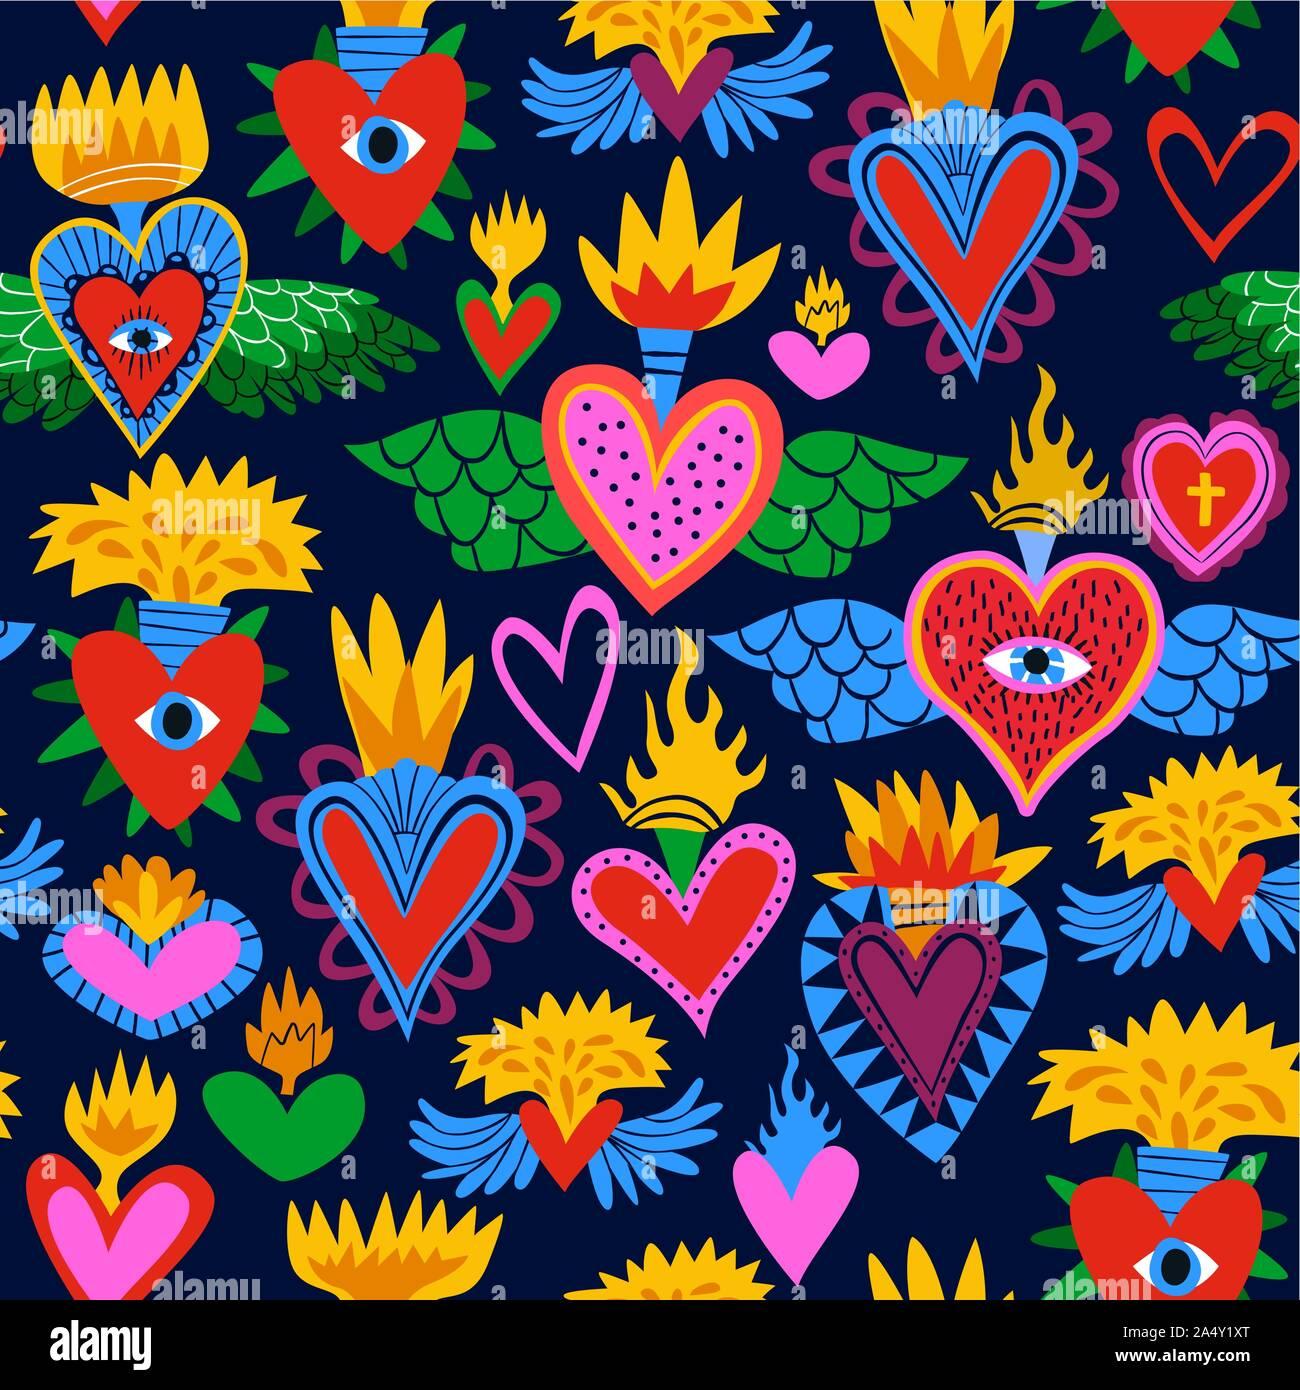 Sacré coeur motif transparent coloré, Hearts on Fire religieux. Télévision cartoon style arrière-plan pour la Saint-Valentin, fête des morts ou religio traditionnelle Illustration de Vecteur